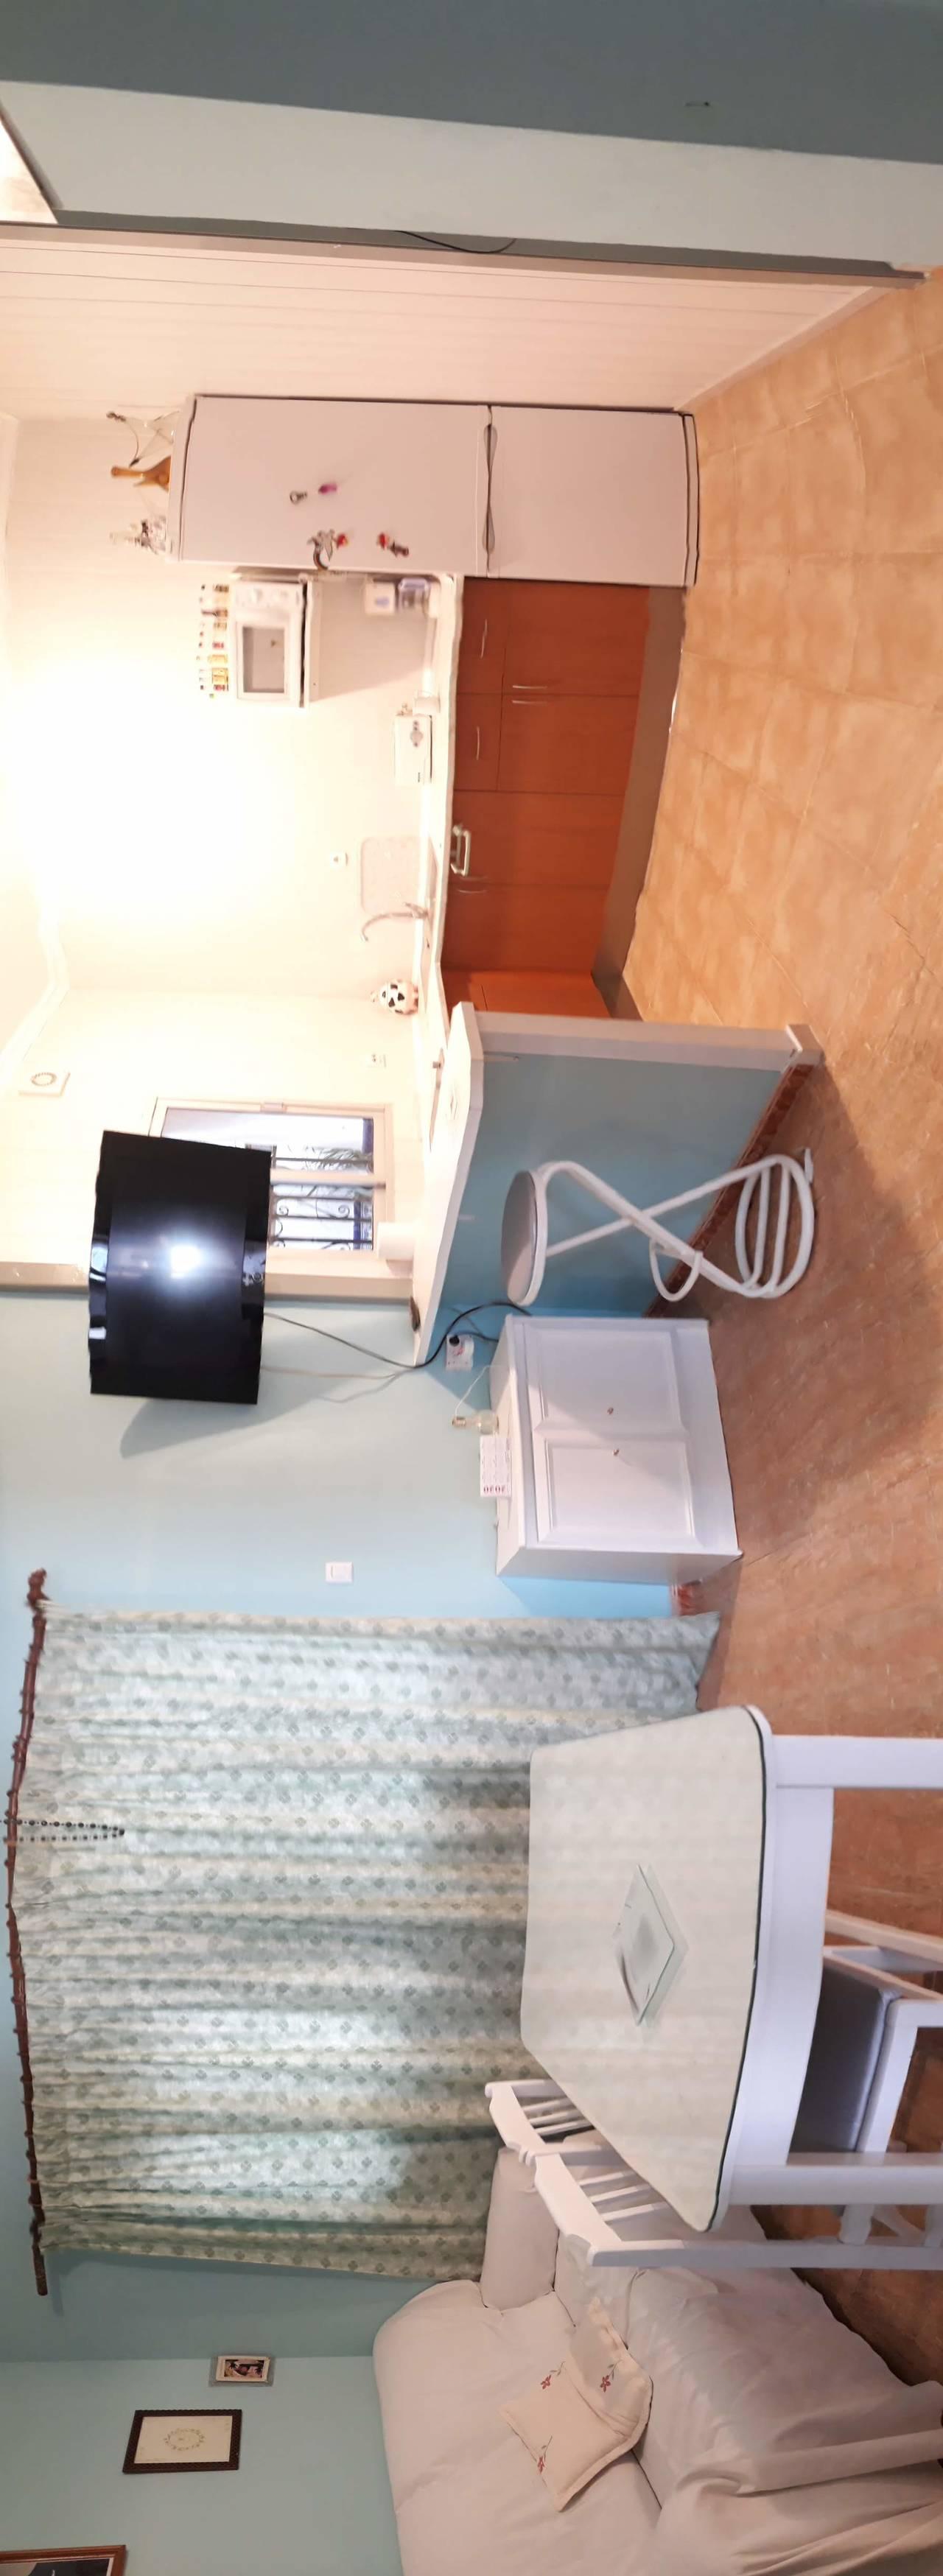 Alquilo dormitorio en casa compartida  - Foto 3